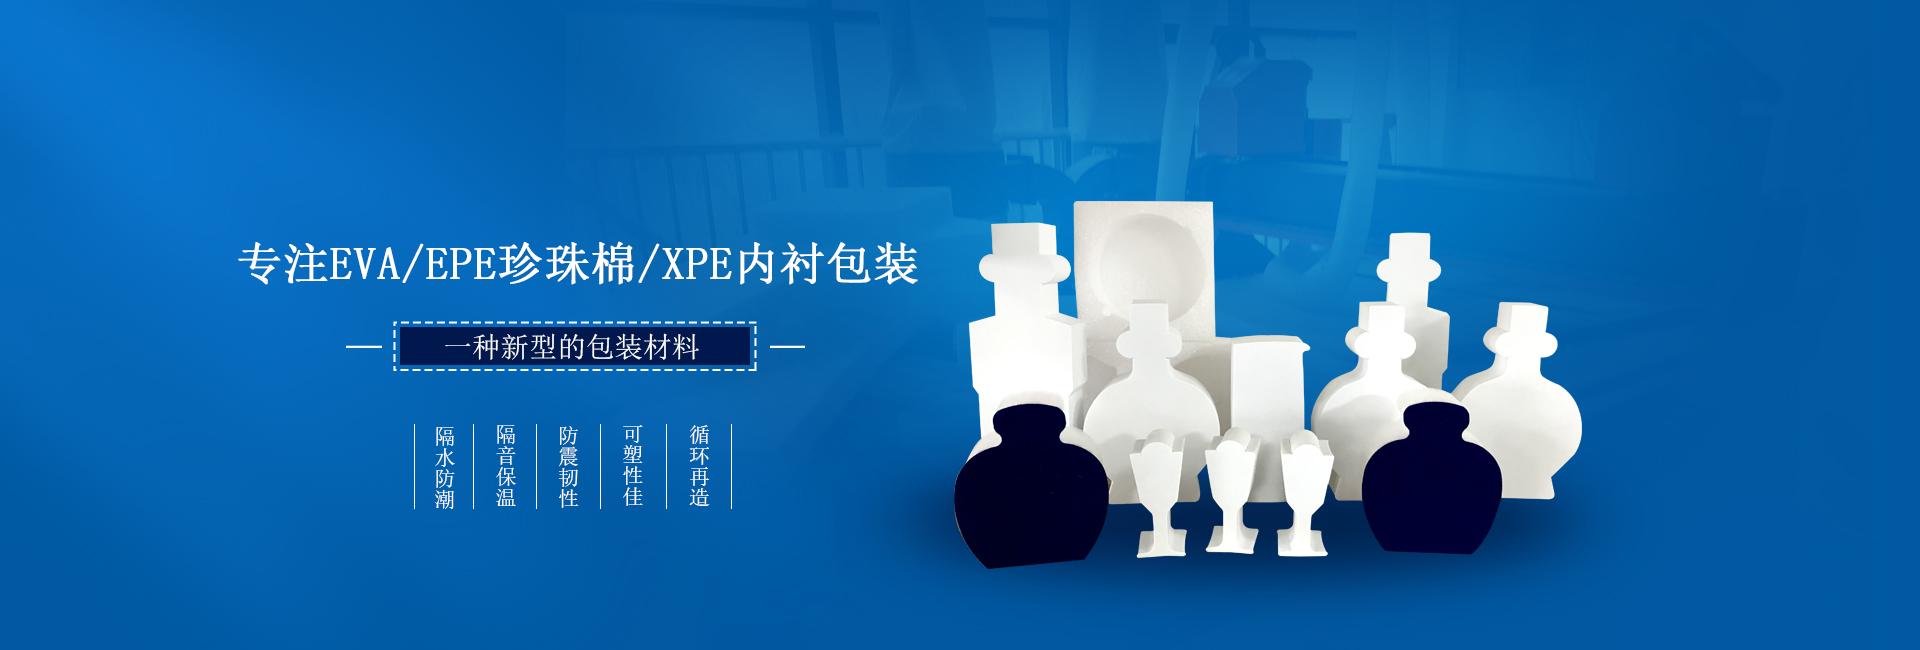 重庆新福圣科技有限公司